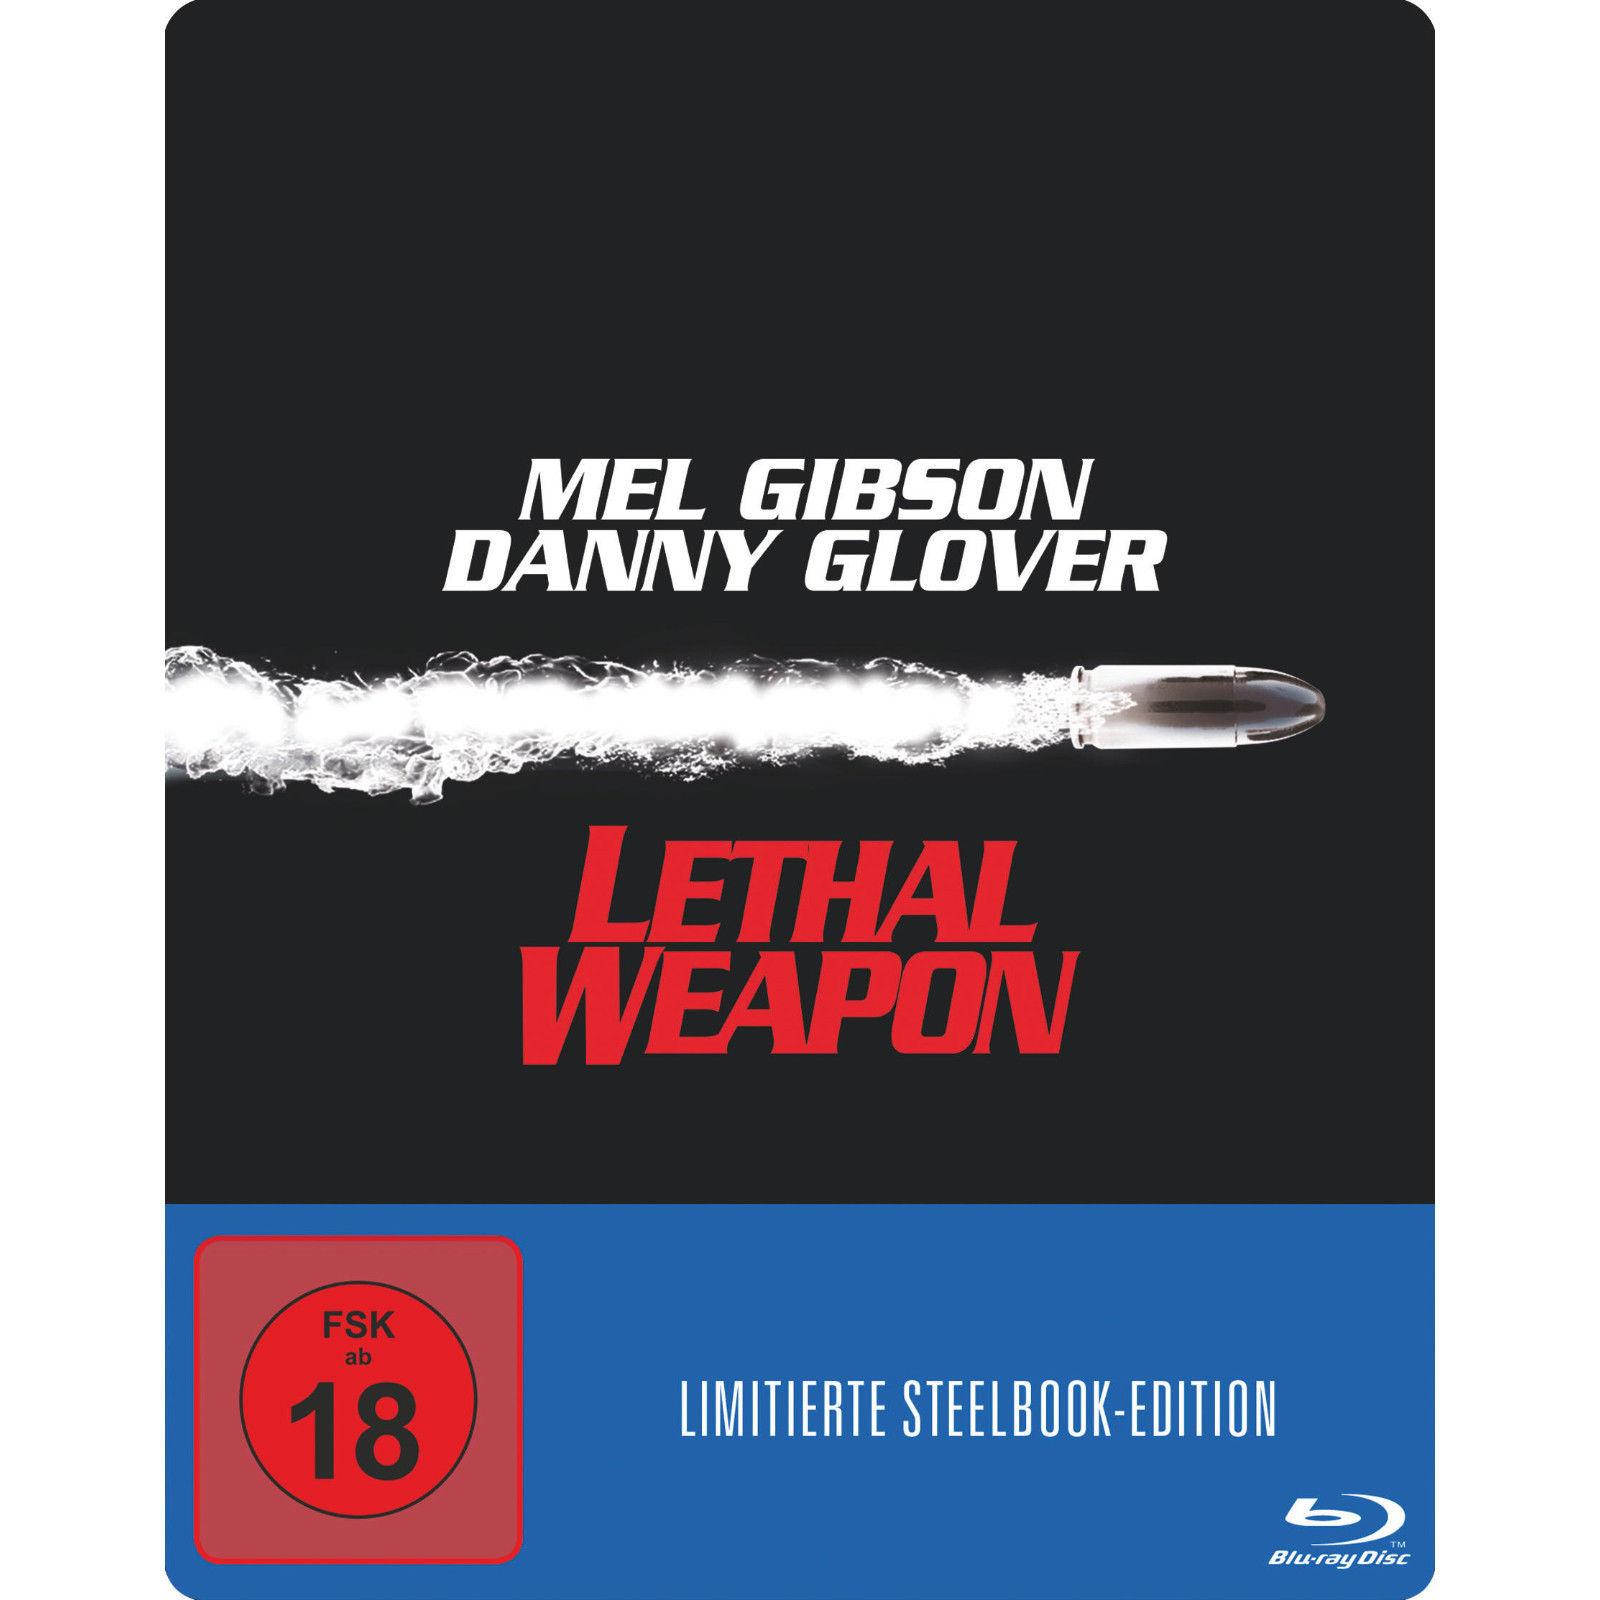 Lethal Weapon 1 Zwei stahlharte Profis Steelbook (Blu-ray) & Lethal Weapon 3 Die Profis sind zurück Steelbook (Blu-ray) & Lethal Weapon 4 Zwei Profis räumen auf Steelbook (Blu-ray) für je 6€ versandkostenfrei (Media Markt)